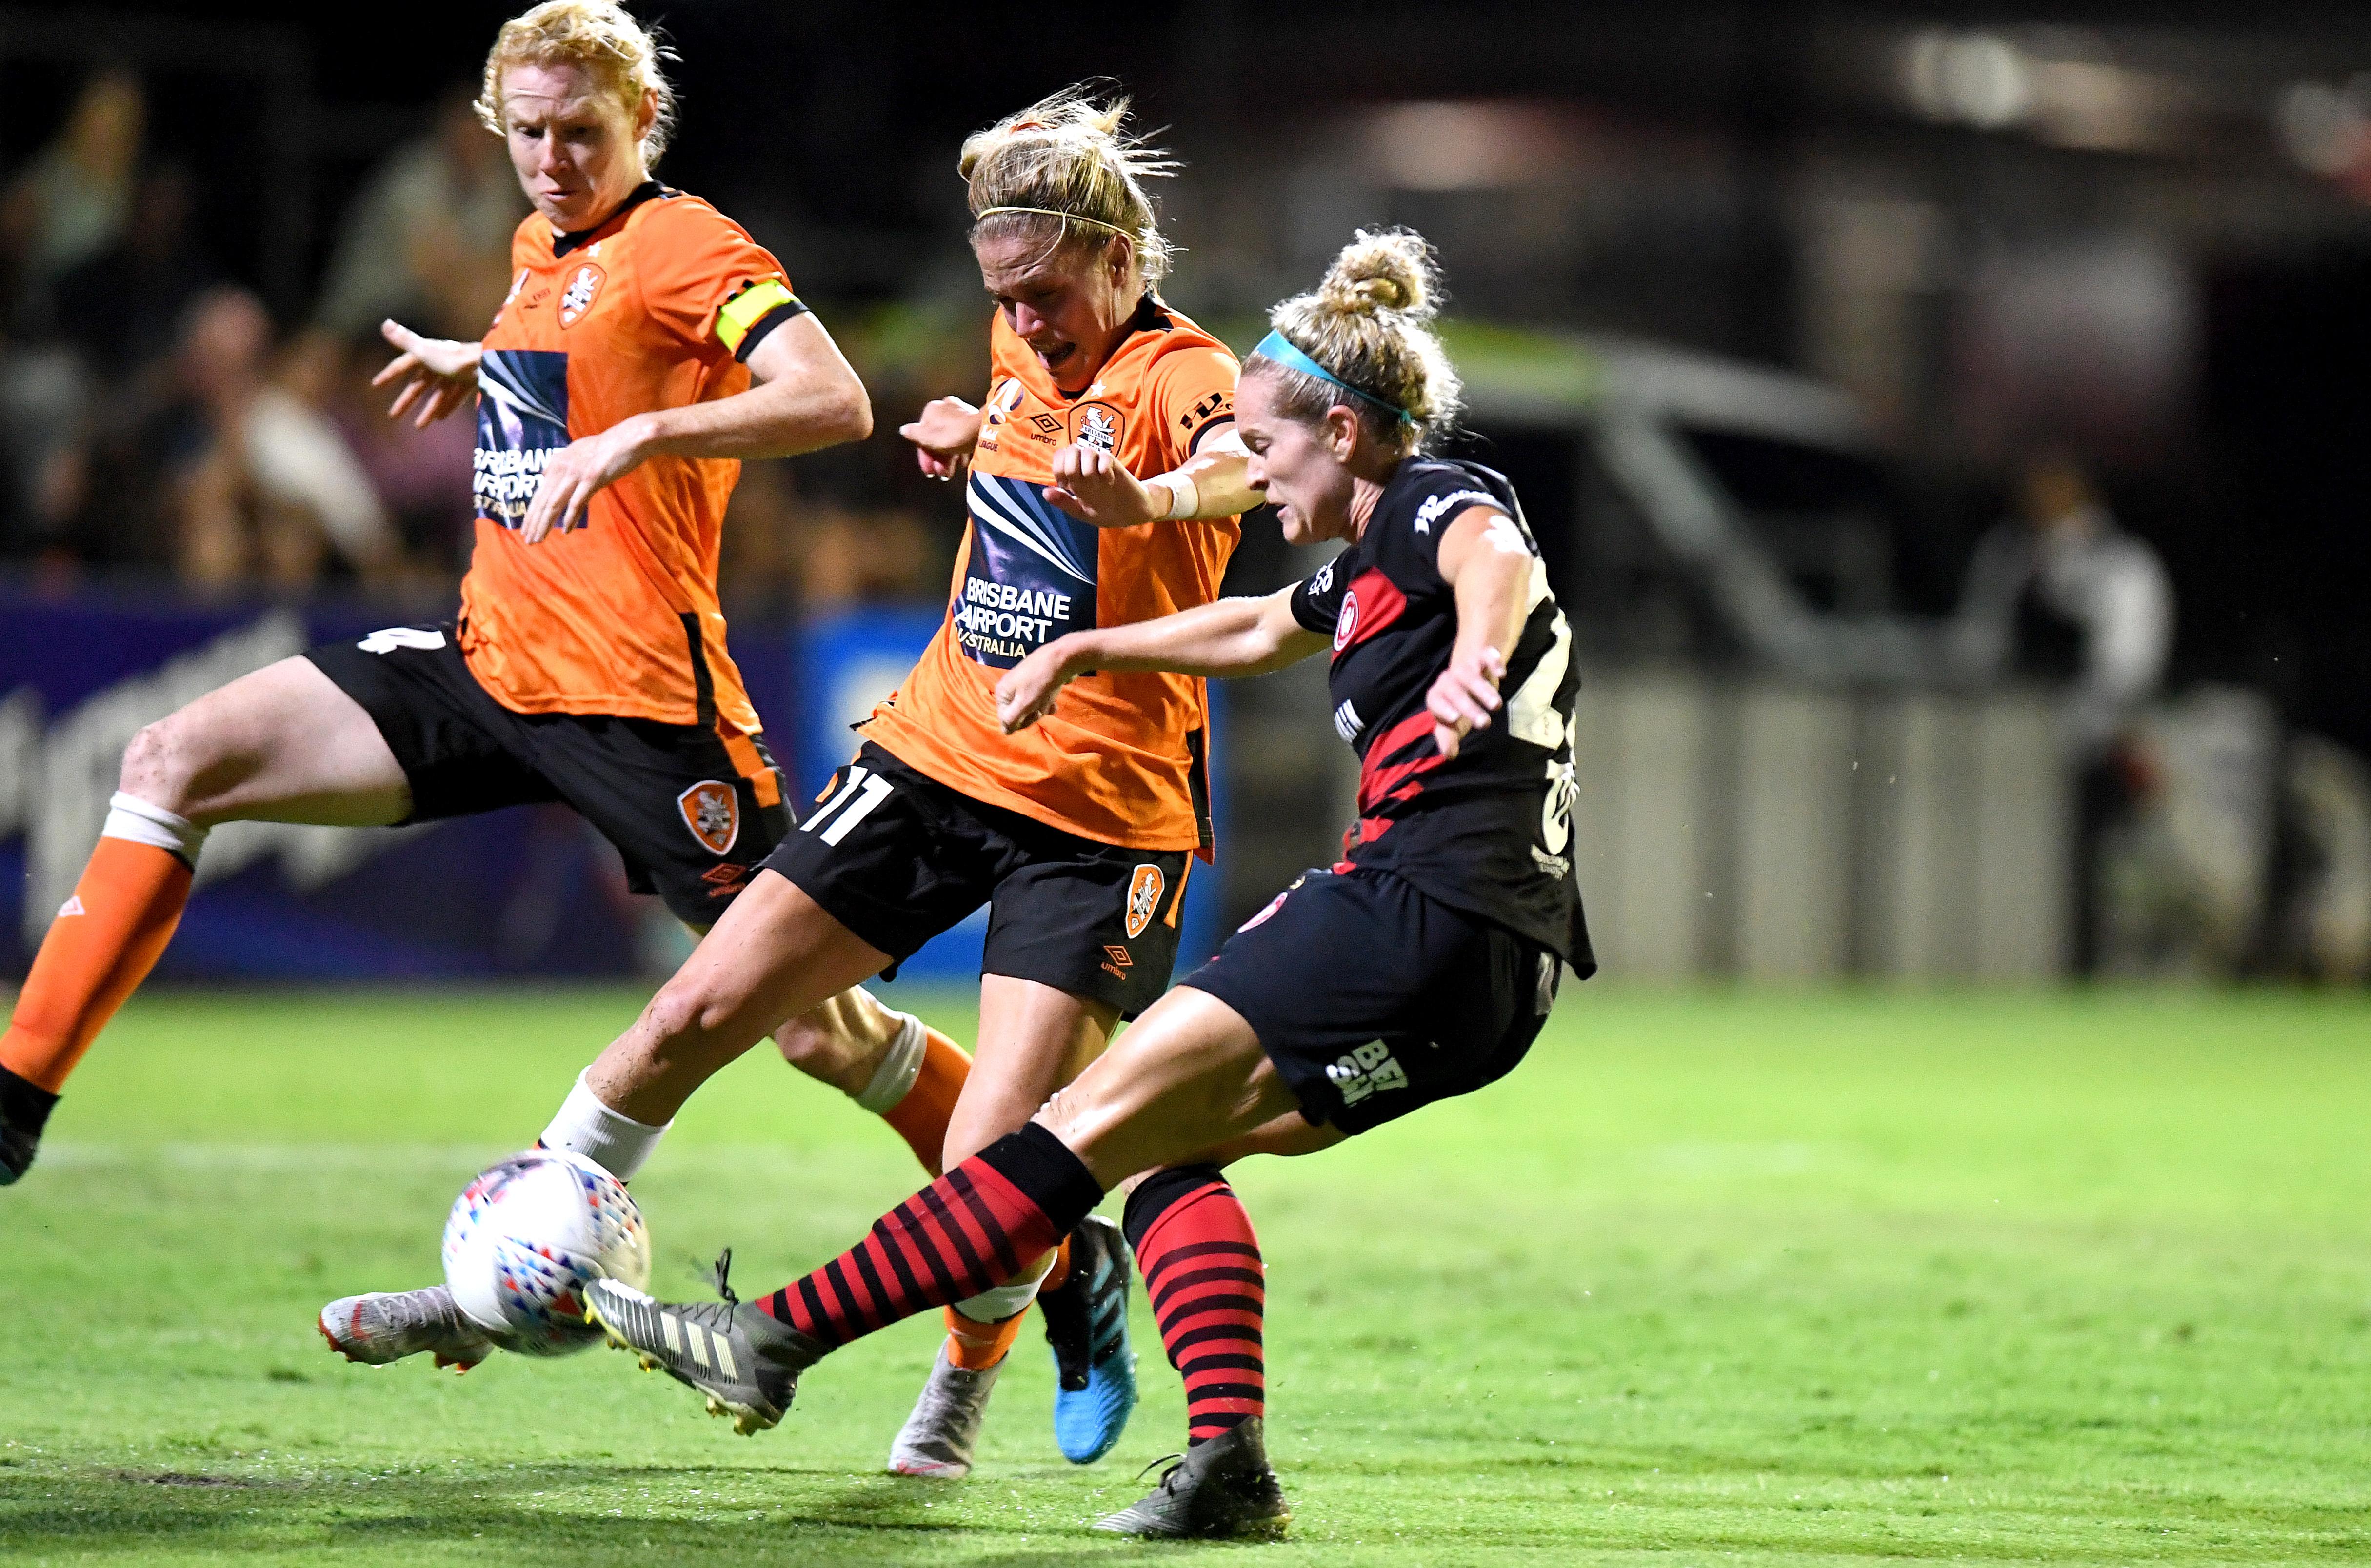 W-League Rd 3 - Brisbane v Western Sydney